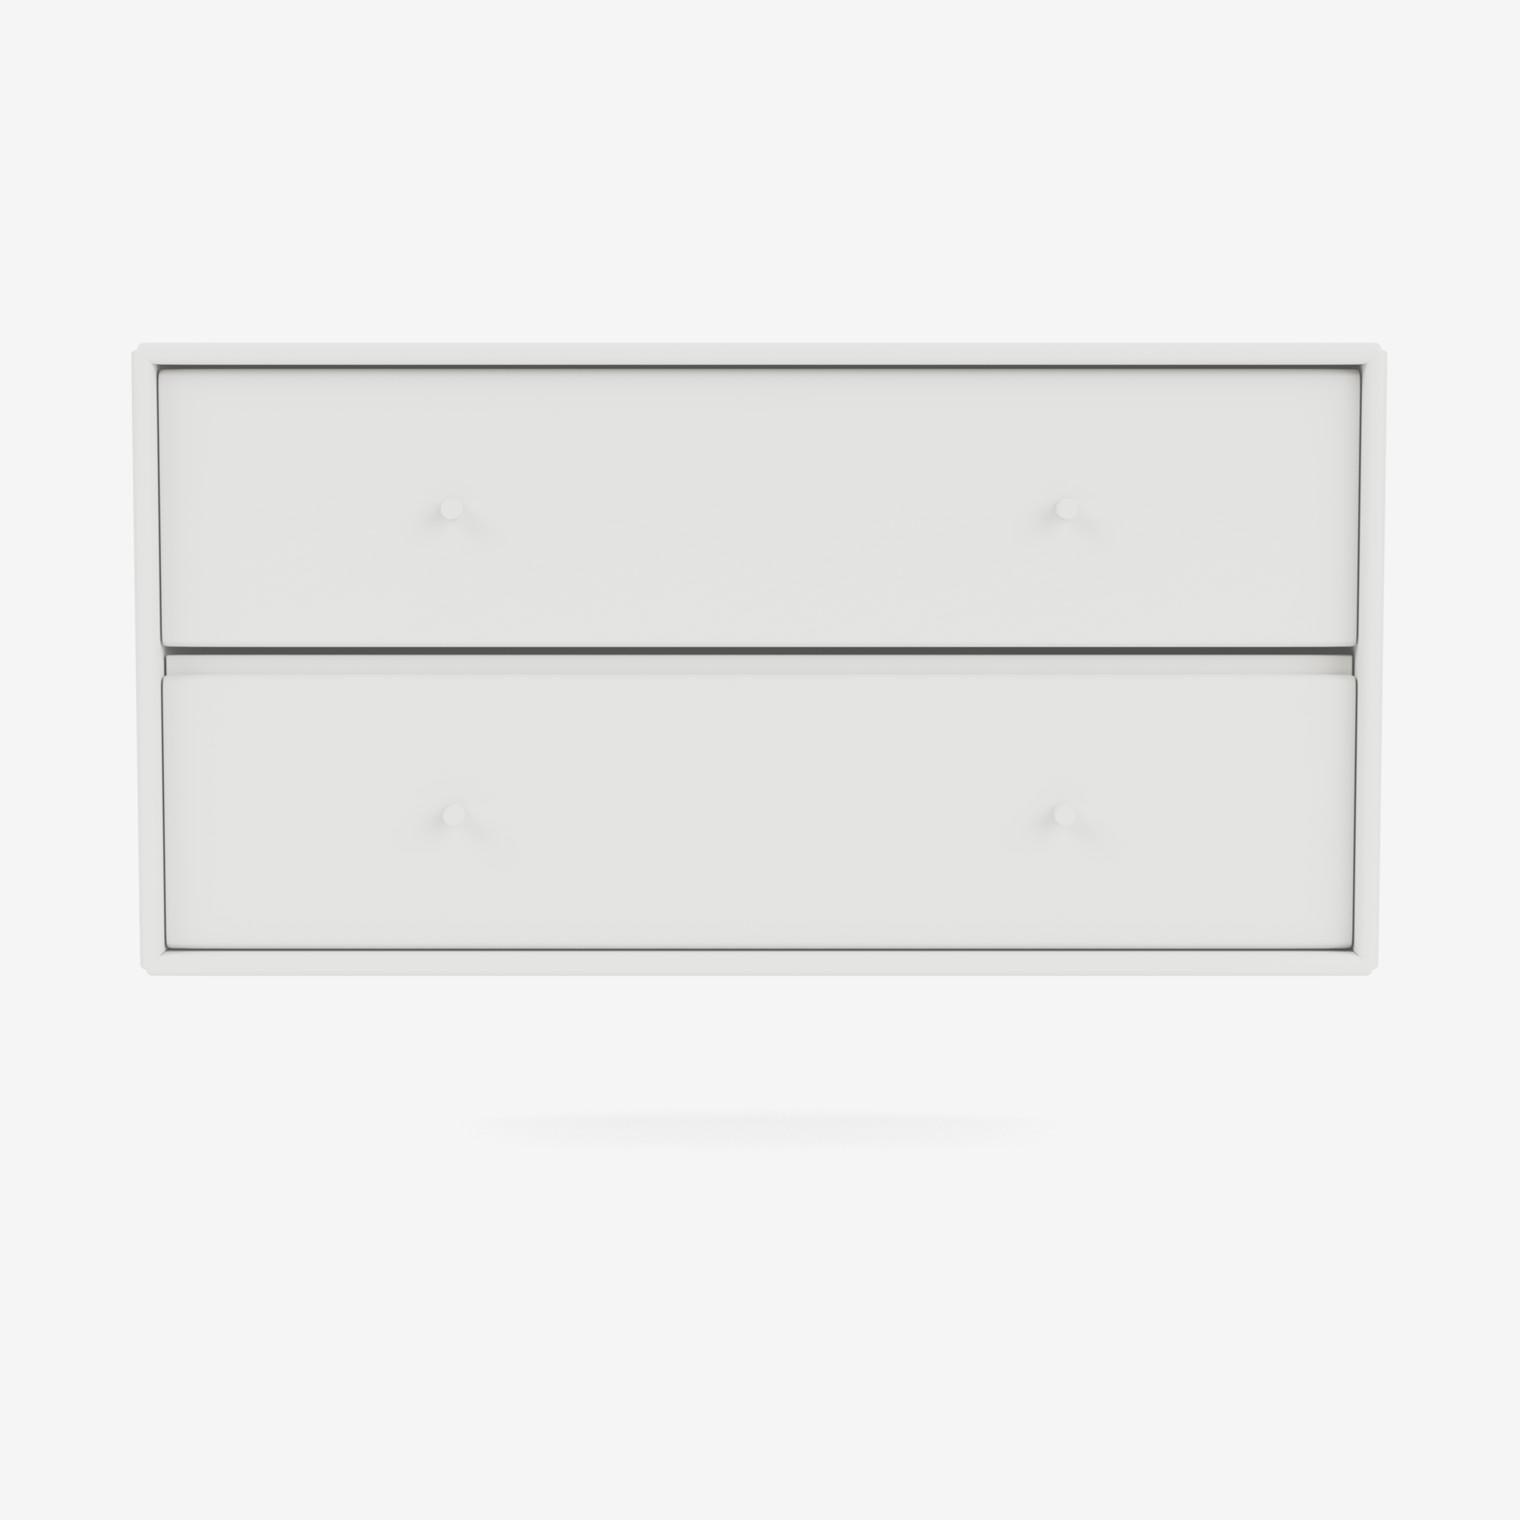 Drawer module 6125